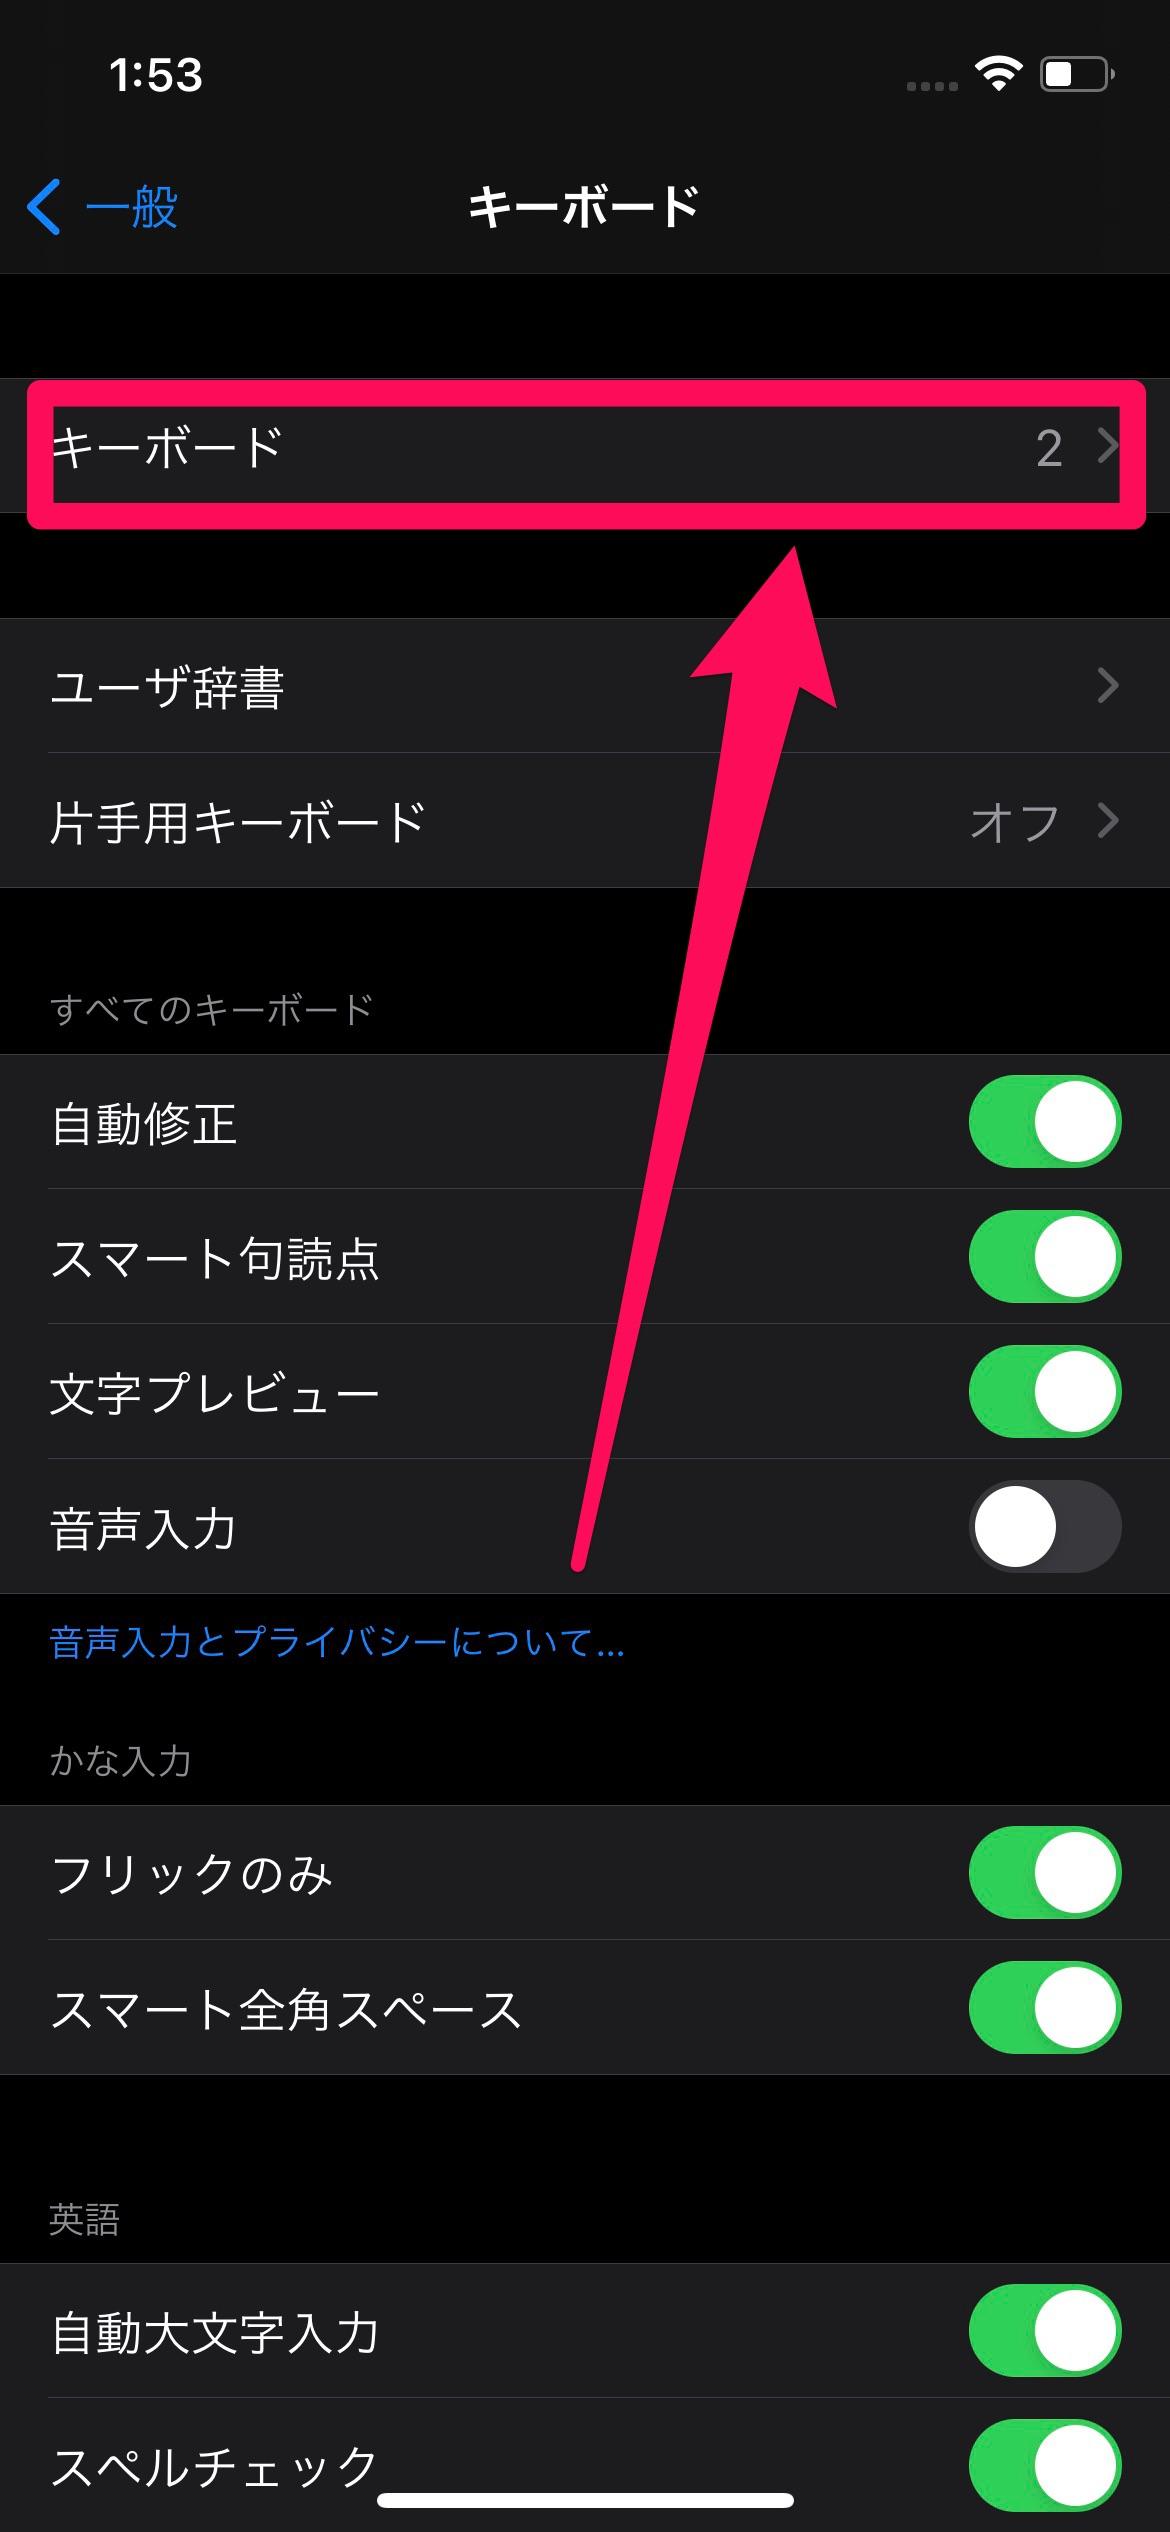 iPhone文字入力23